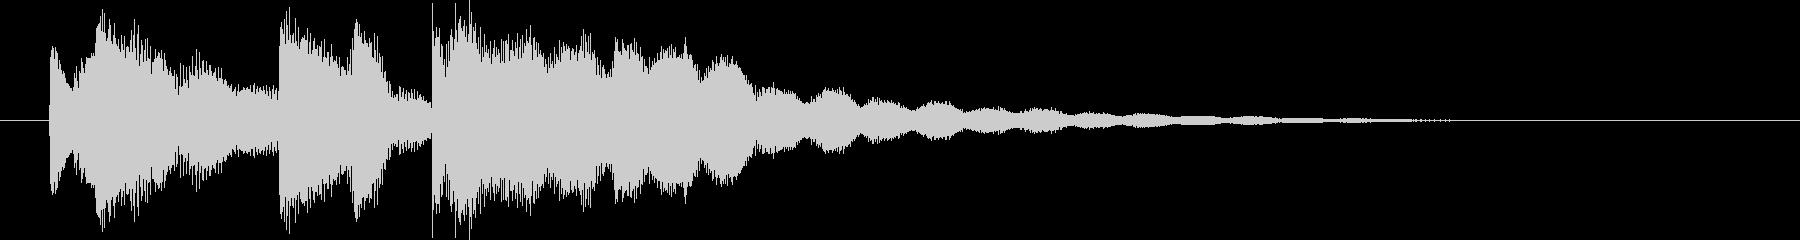 シンプルなサウンドロゴの未再生の波形